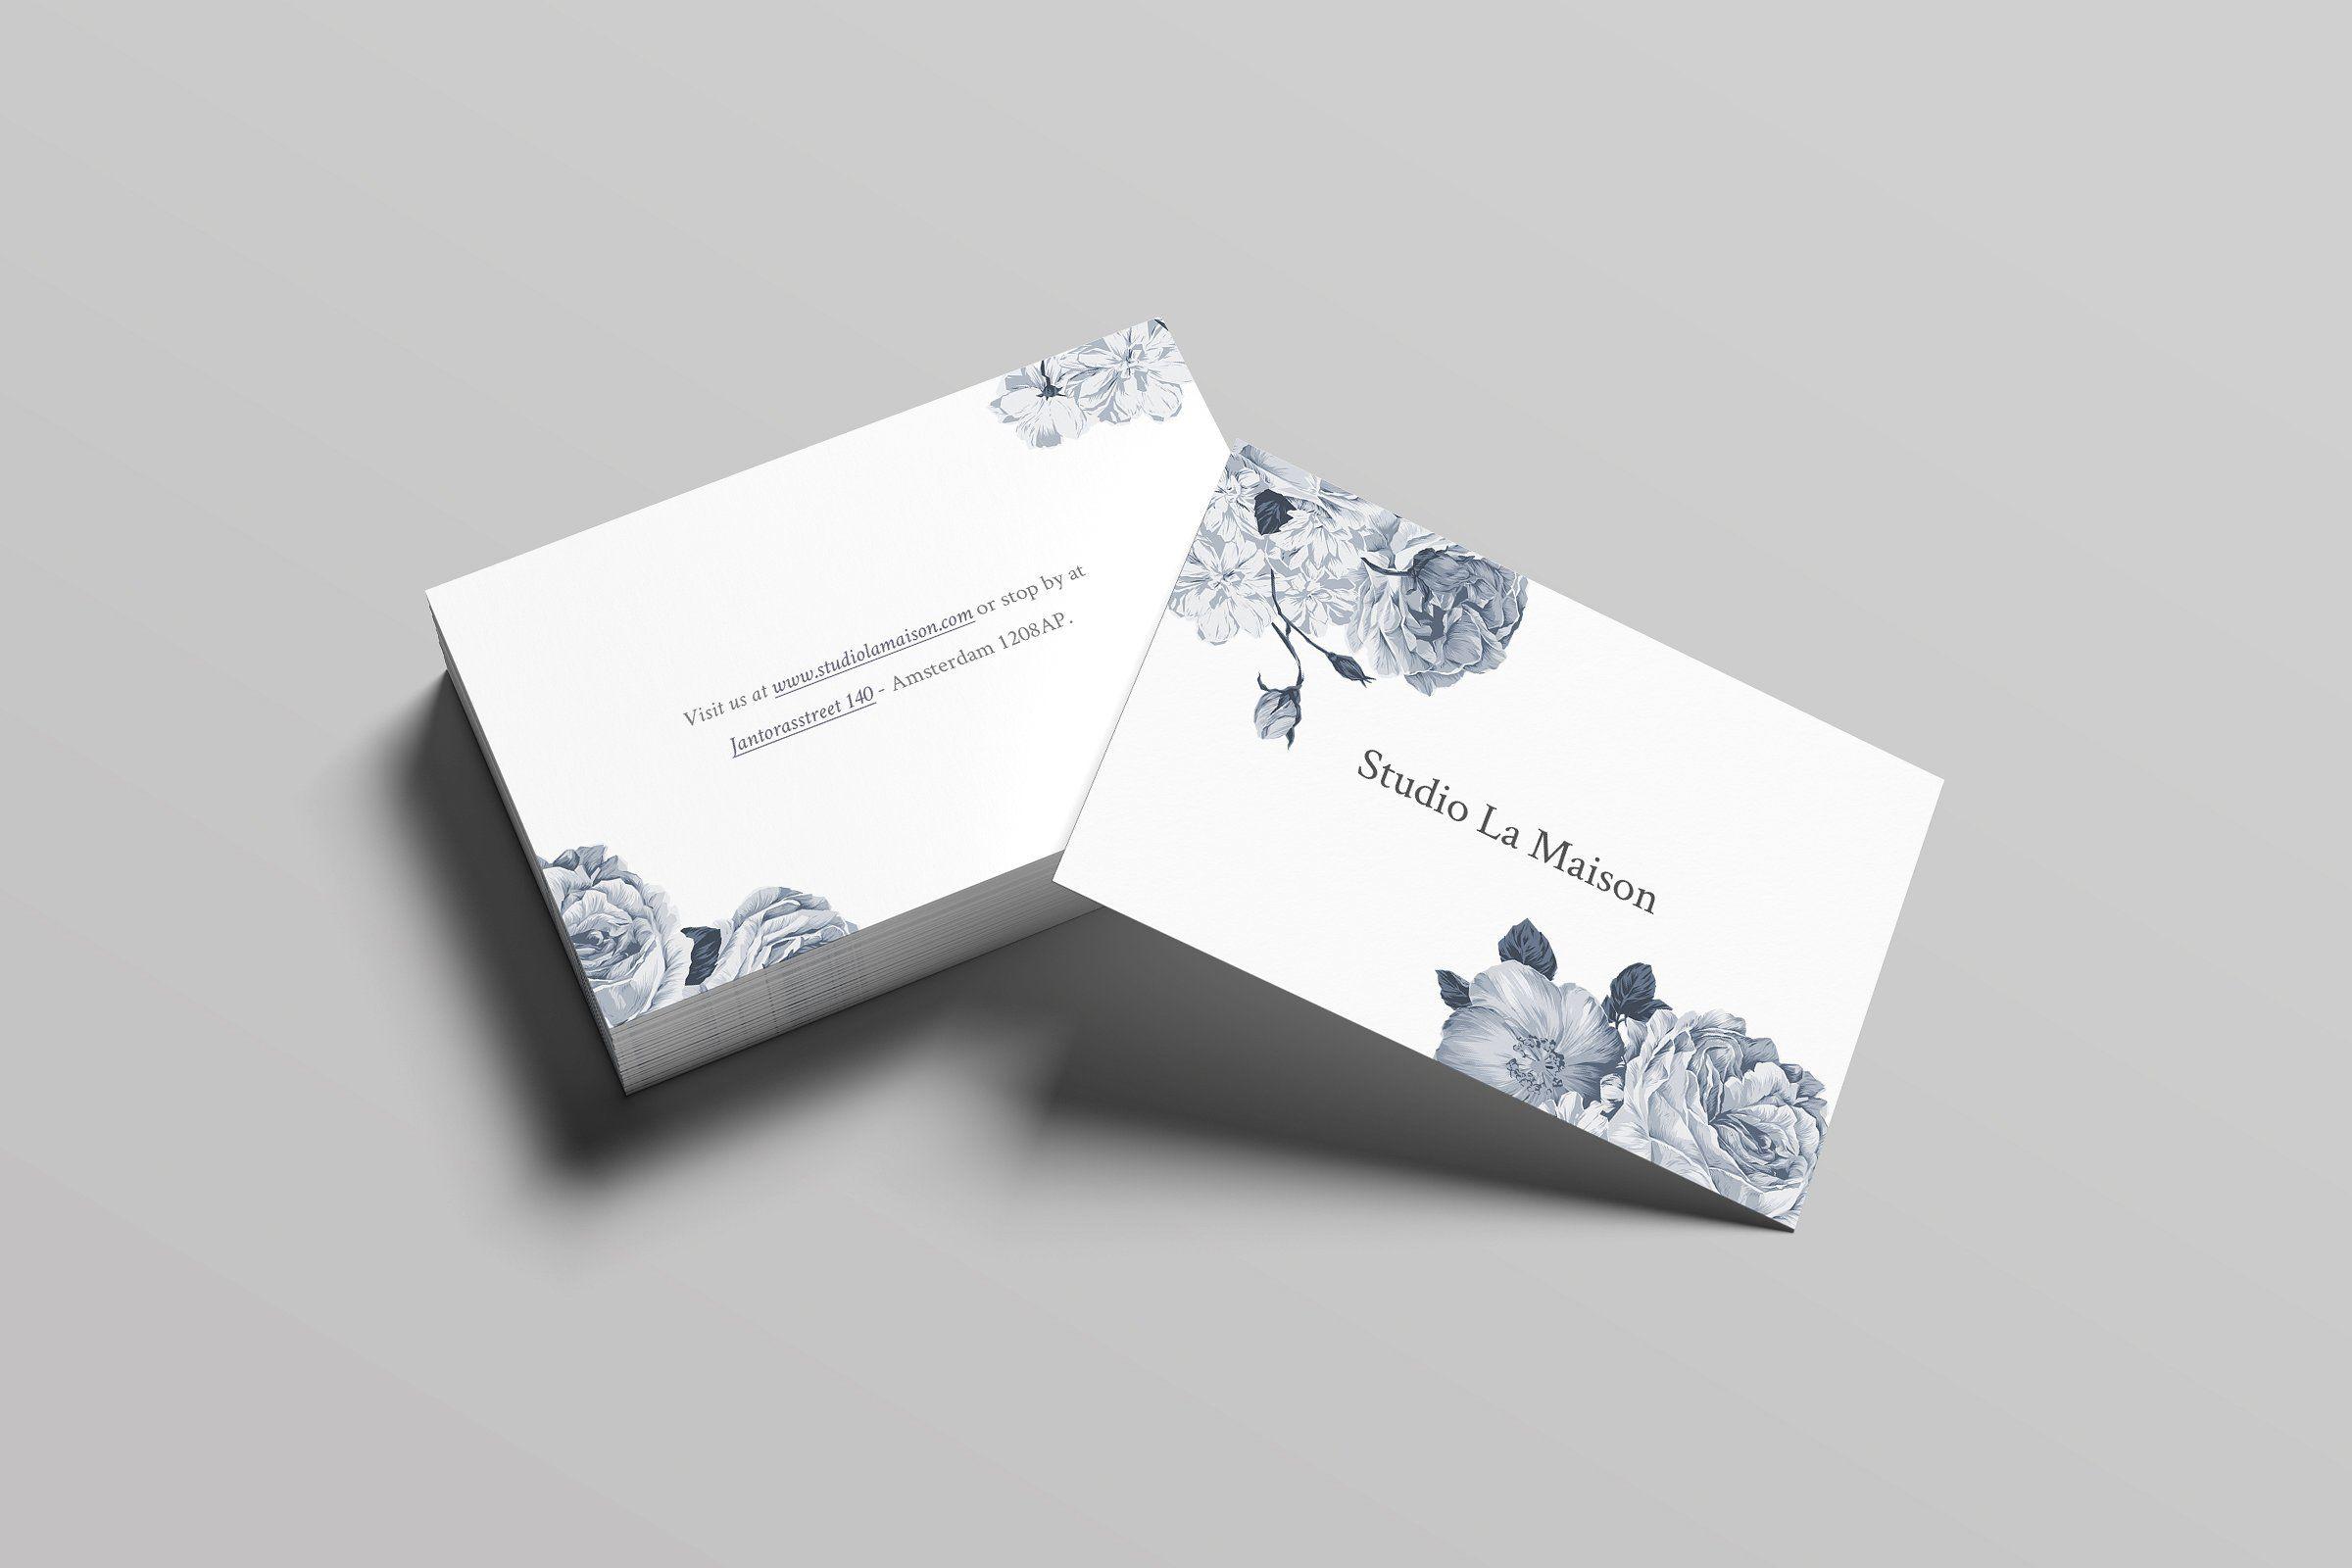 La Maison Business Card Elegant Business Cards Business Card Template Cool Business Cards